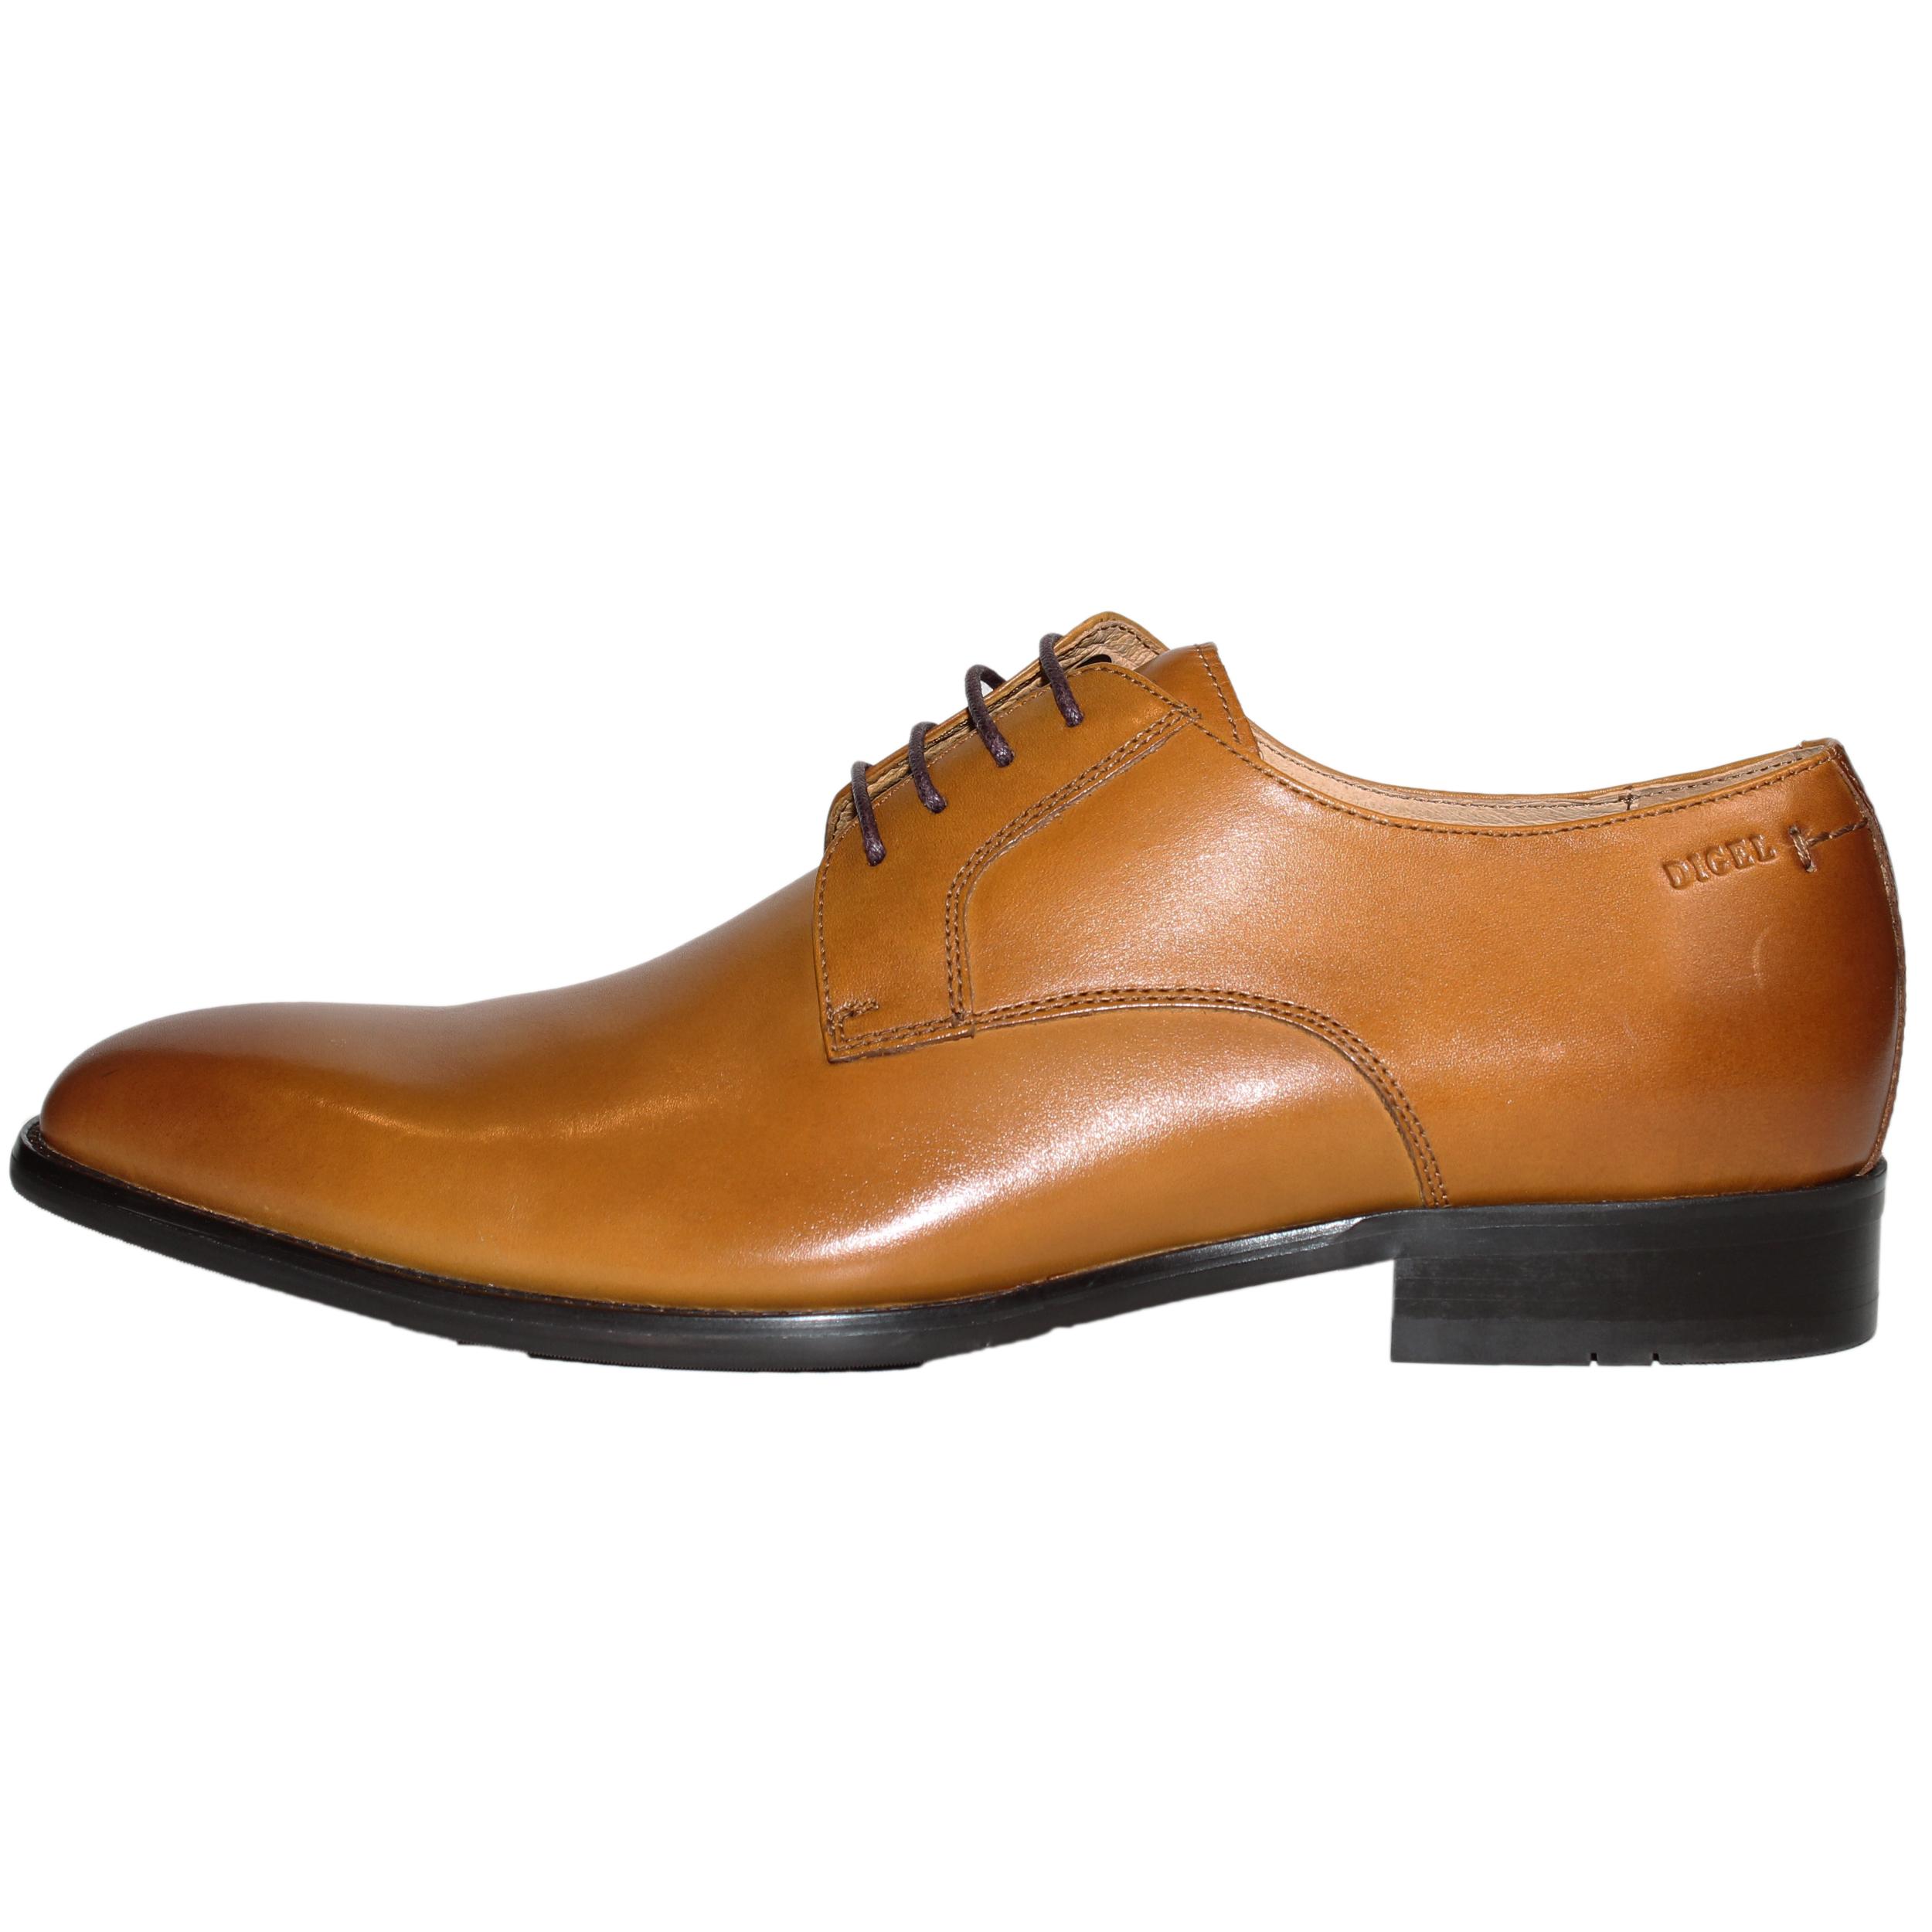 Digel Herren Schuh Simon Derby 40 cognac